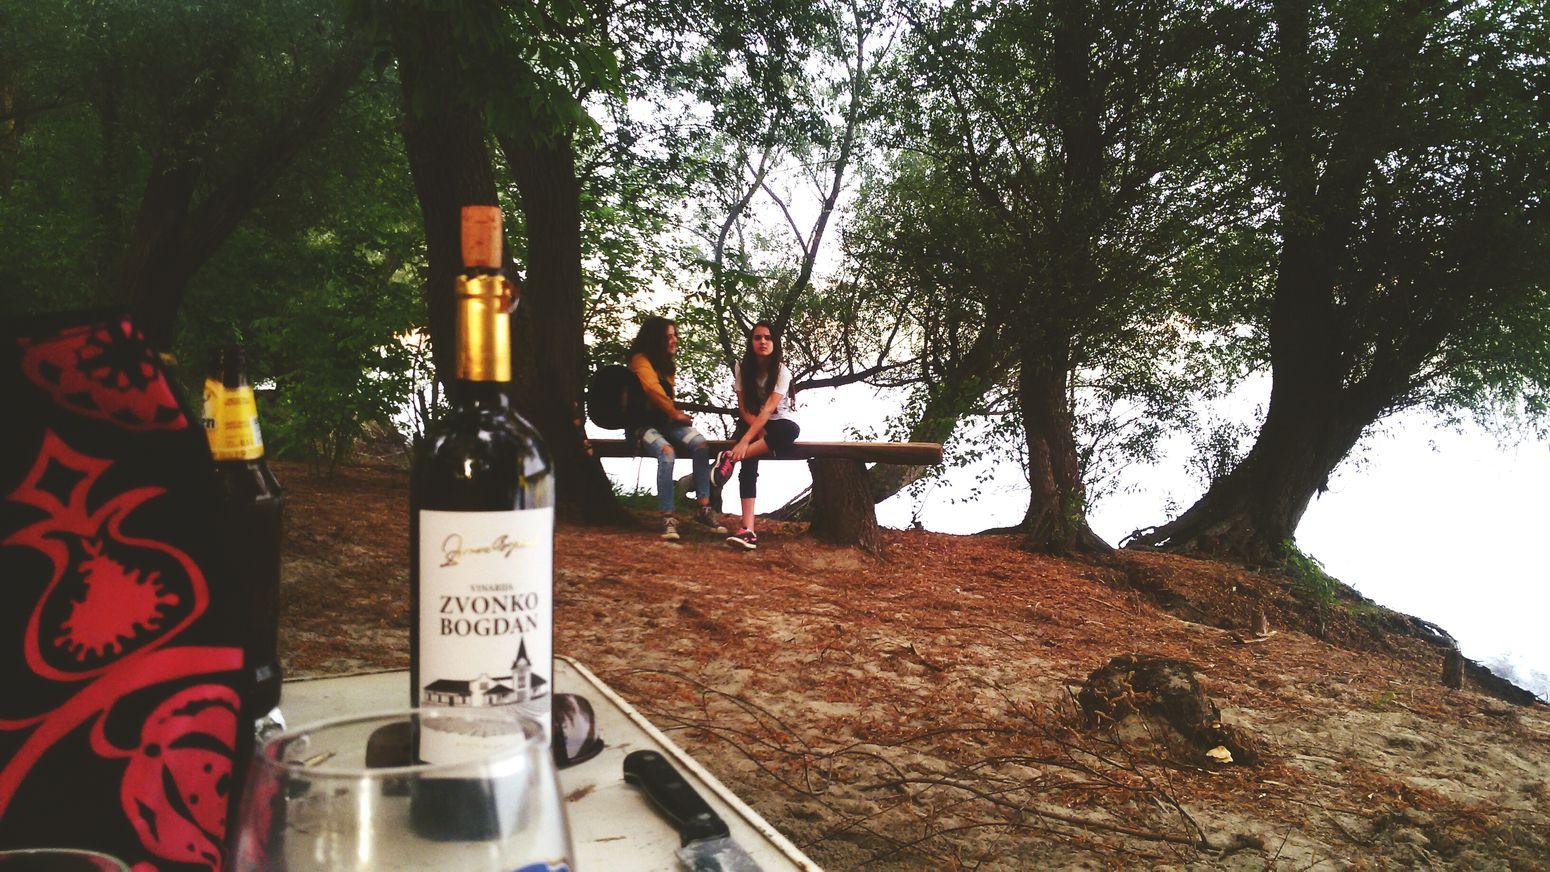 Wine Naturelovers Girls Guitarist Blue Danube Hugging A Tree Enjoying Life